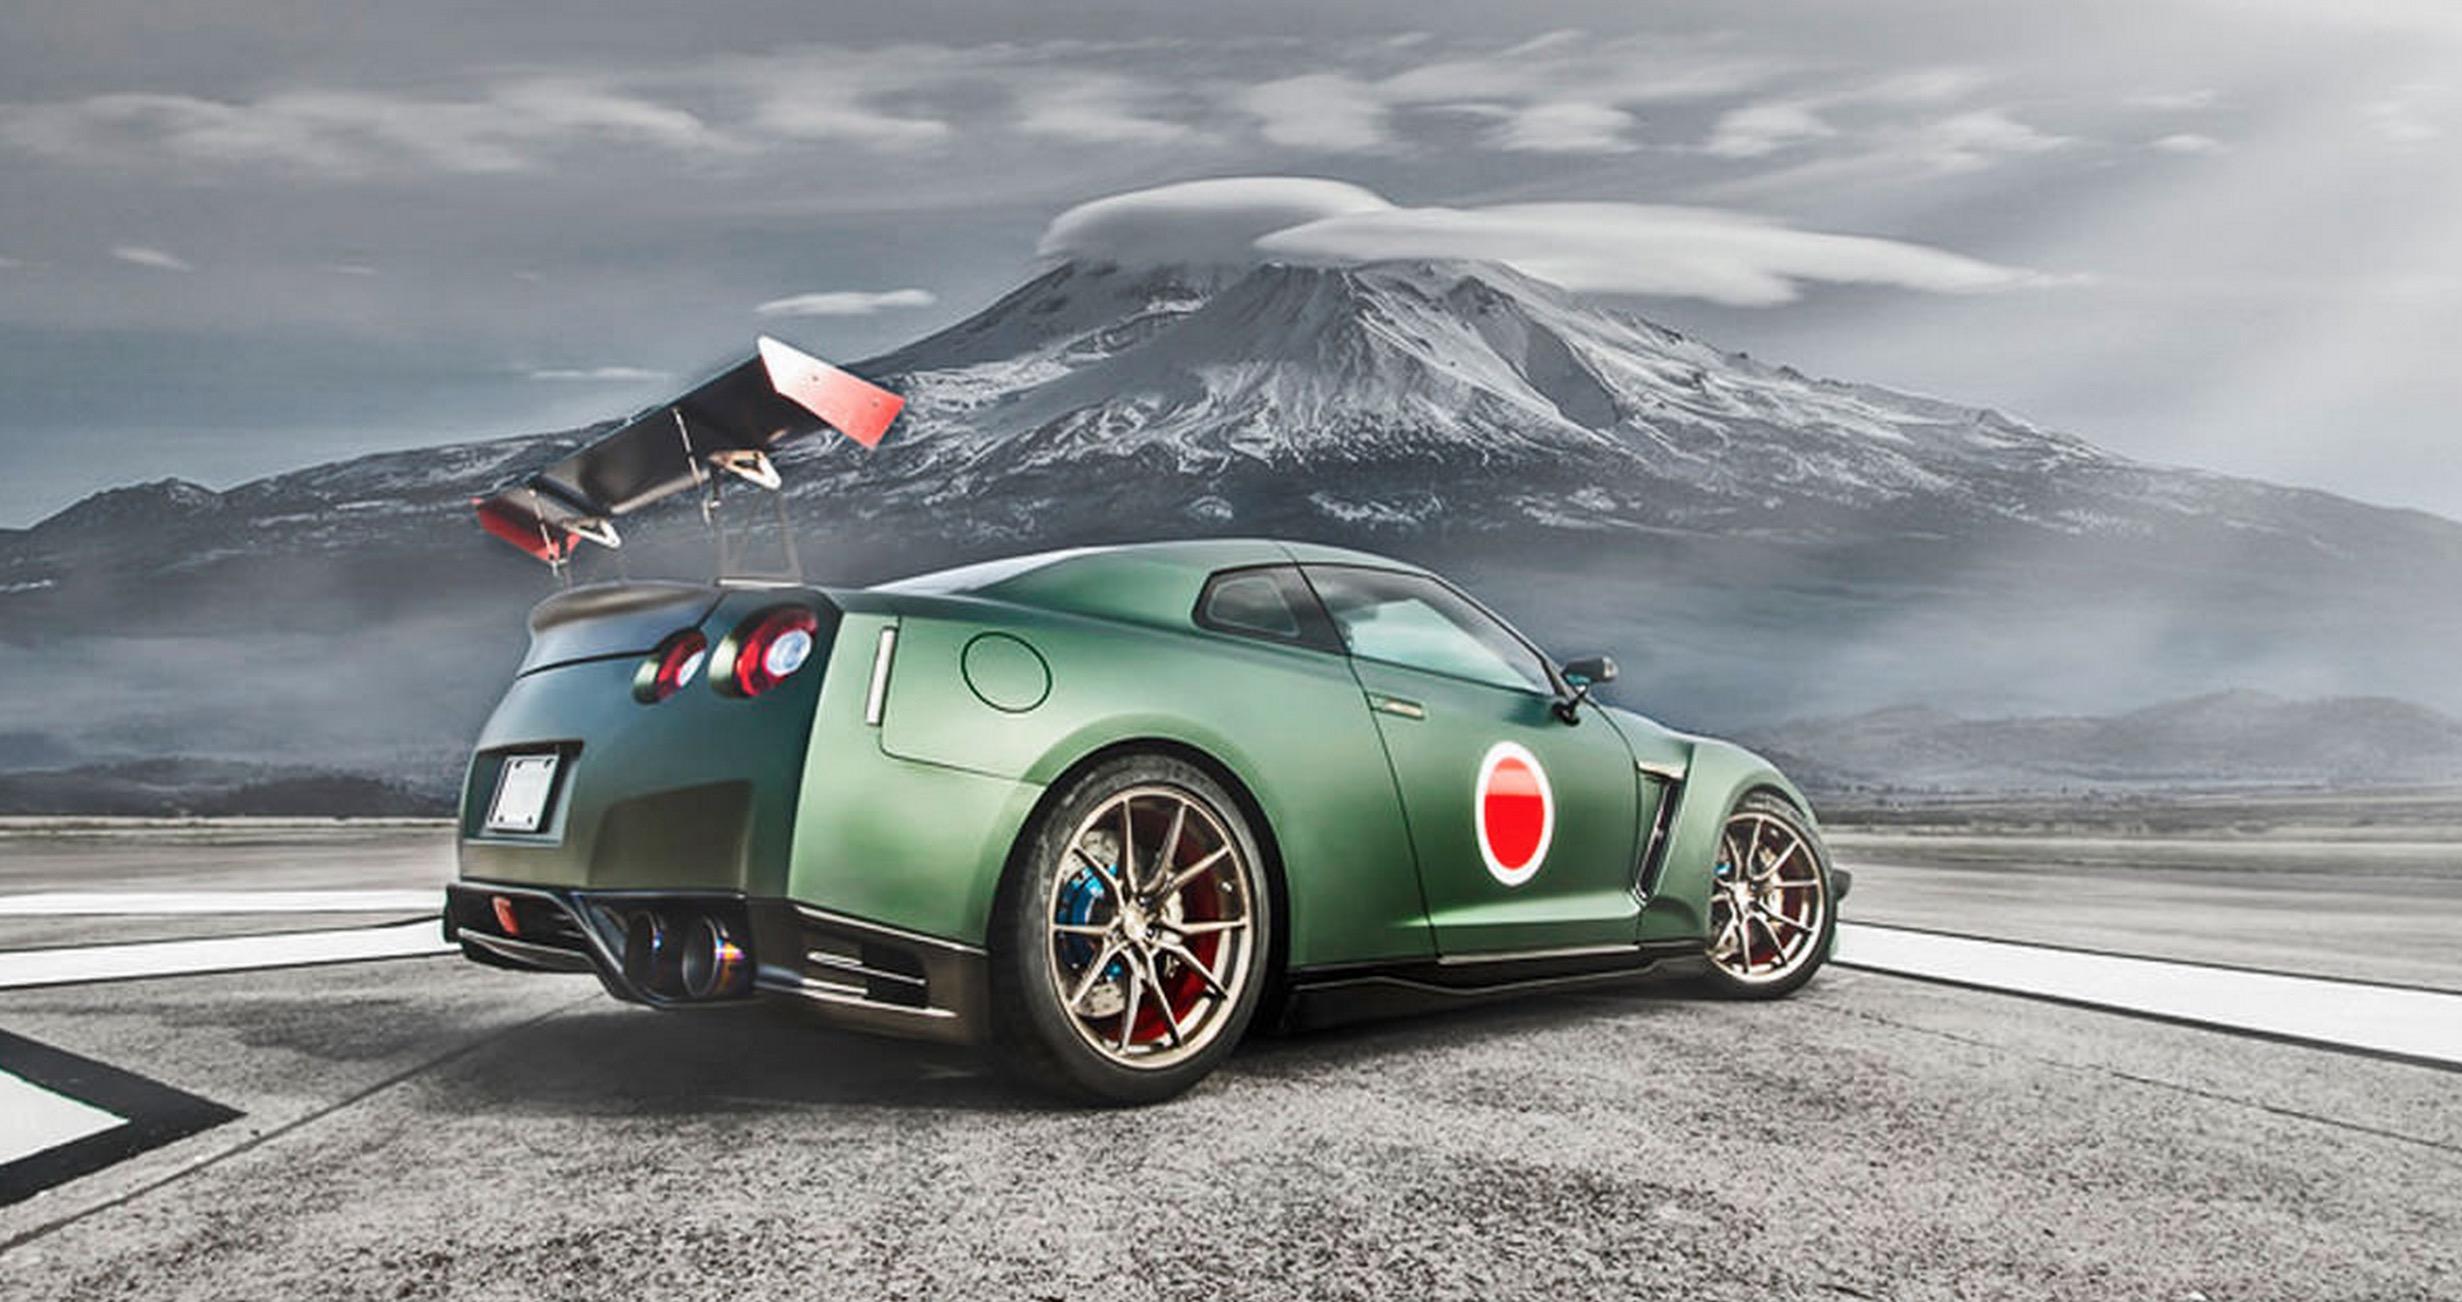 終戦70周年記念!?「ゼロ戦」と「日産GT-R」のコラボカーが公開!!